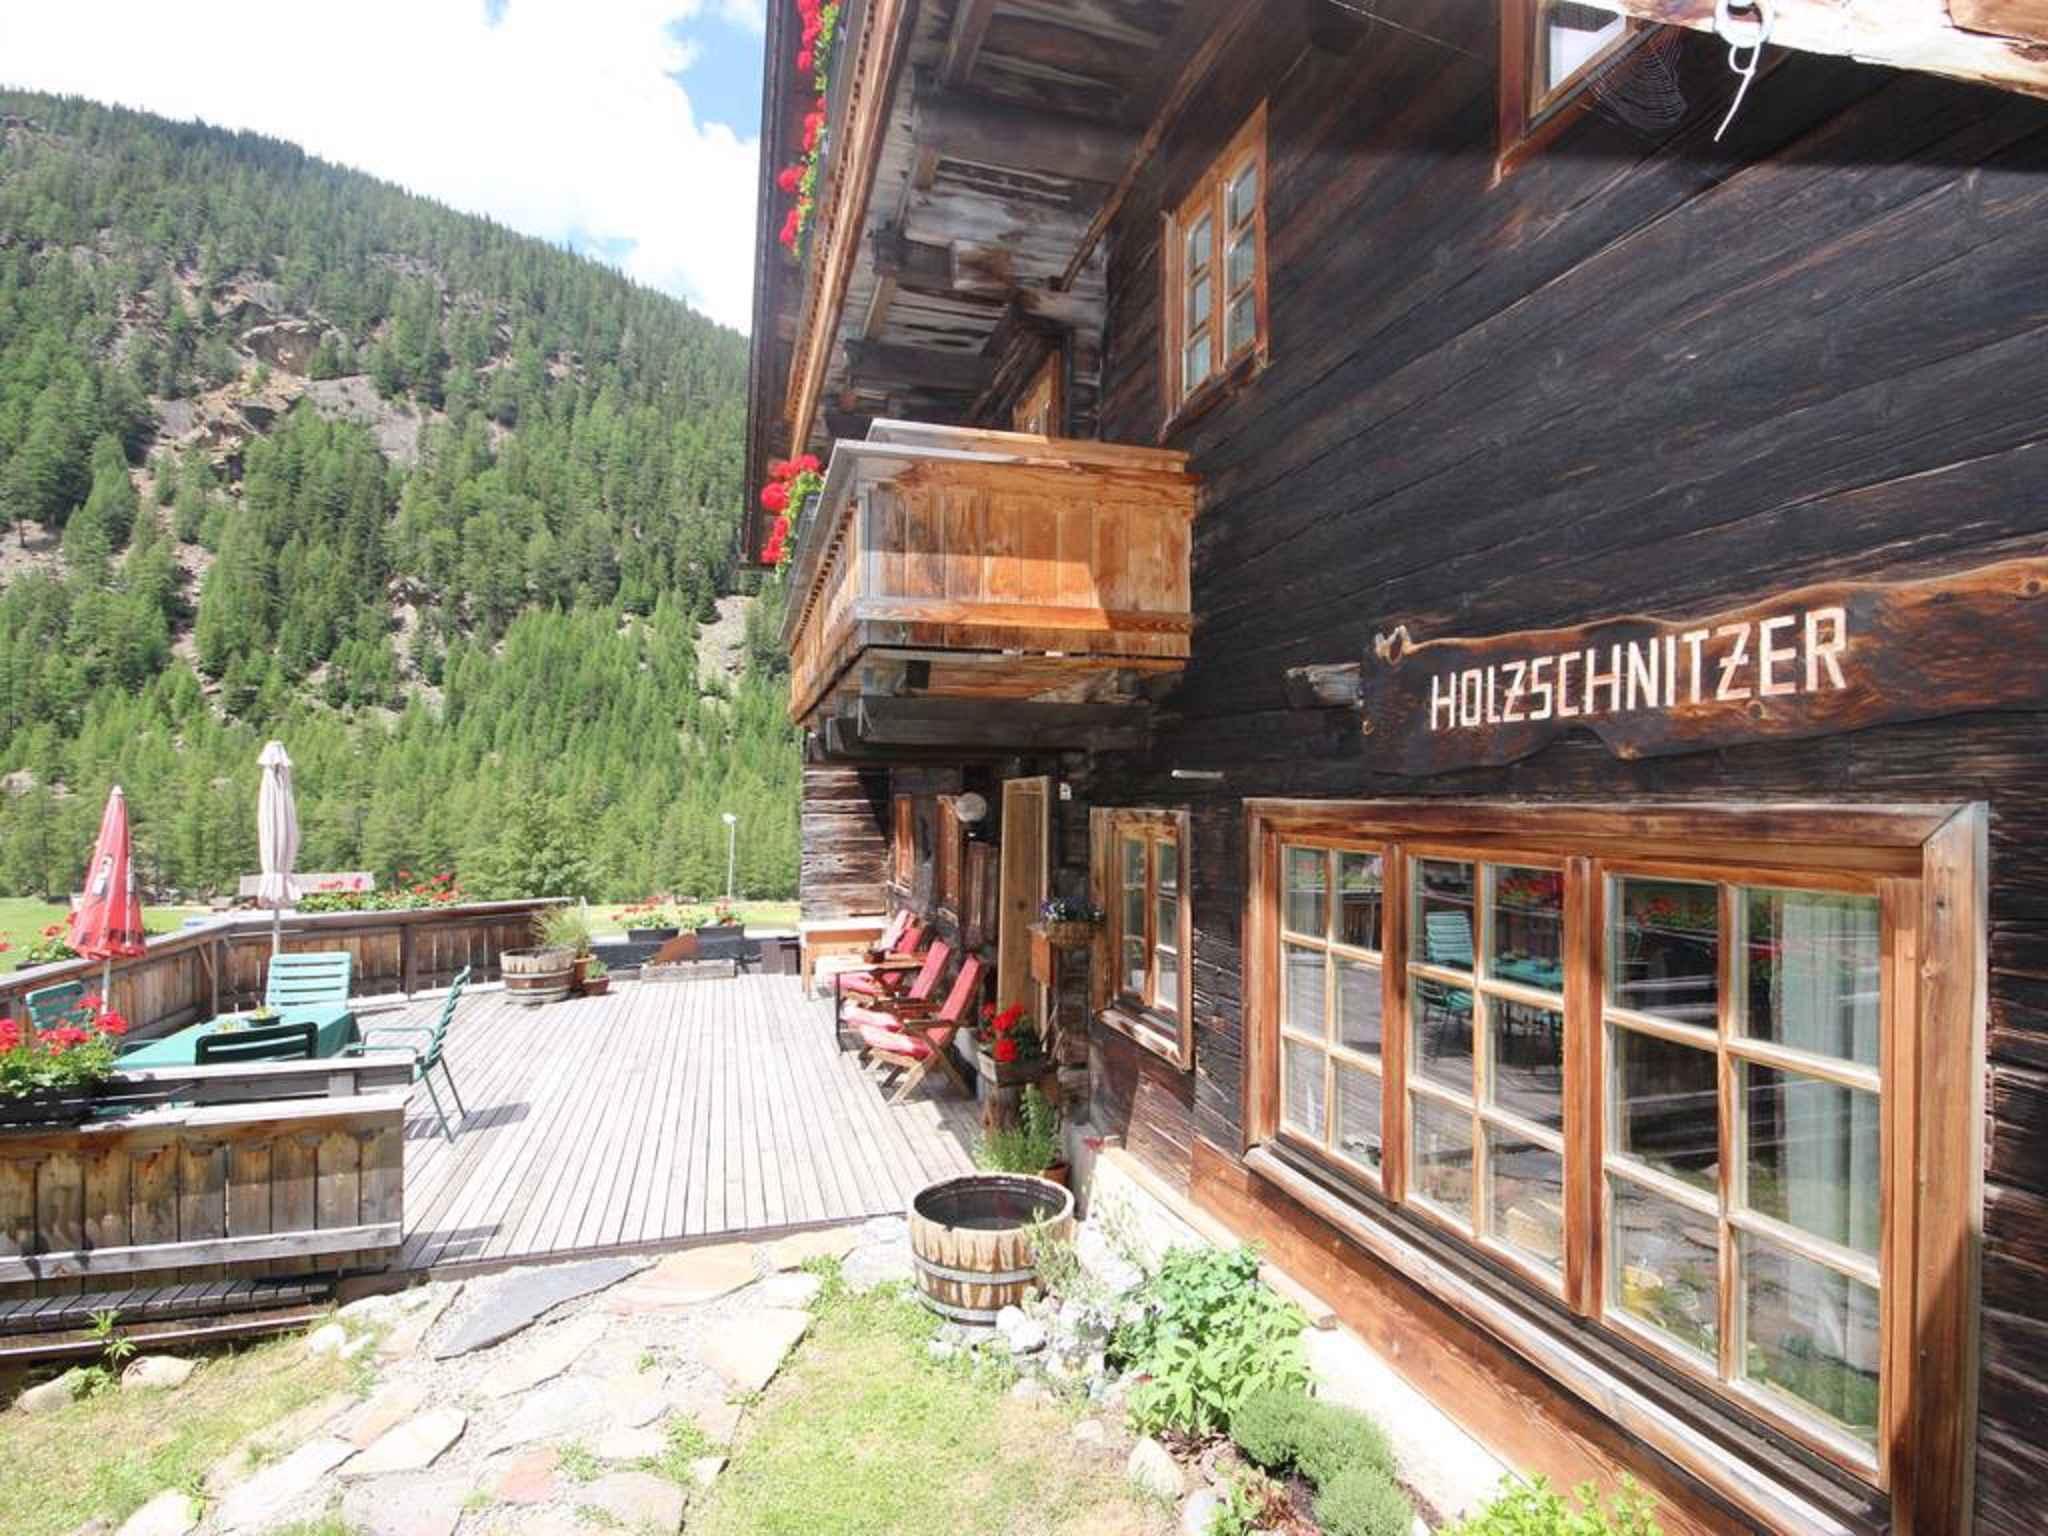 Ferienwohnung in einem über 300 Jahre alten Holzhaus (283707), Sölden (AT), Ötztal, Tirol, Österreich, Bild 2